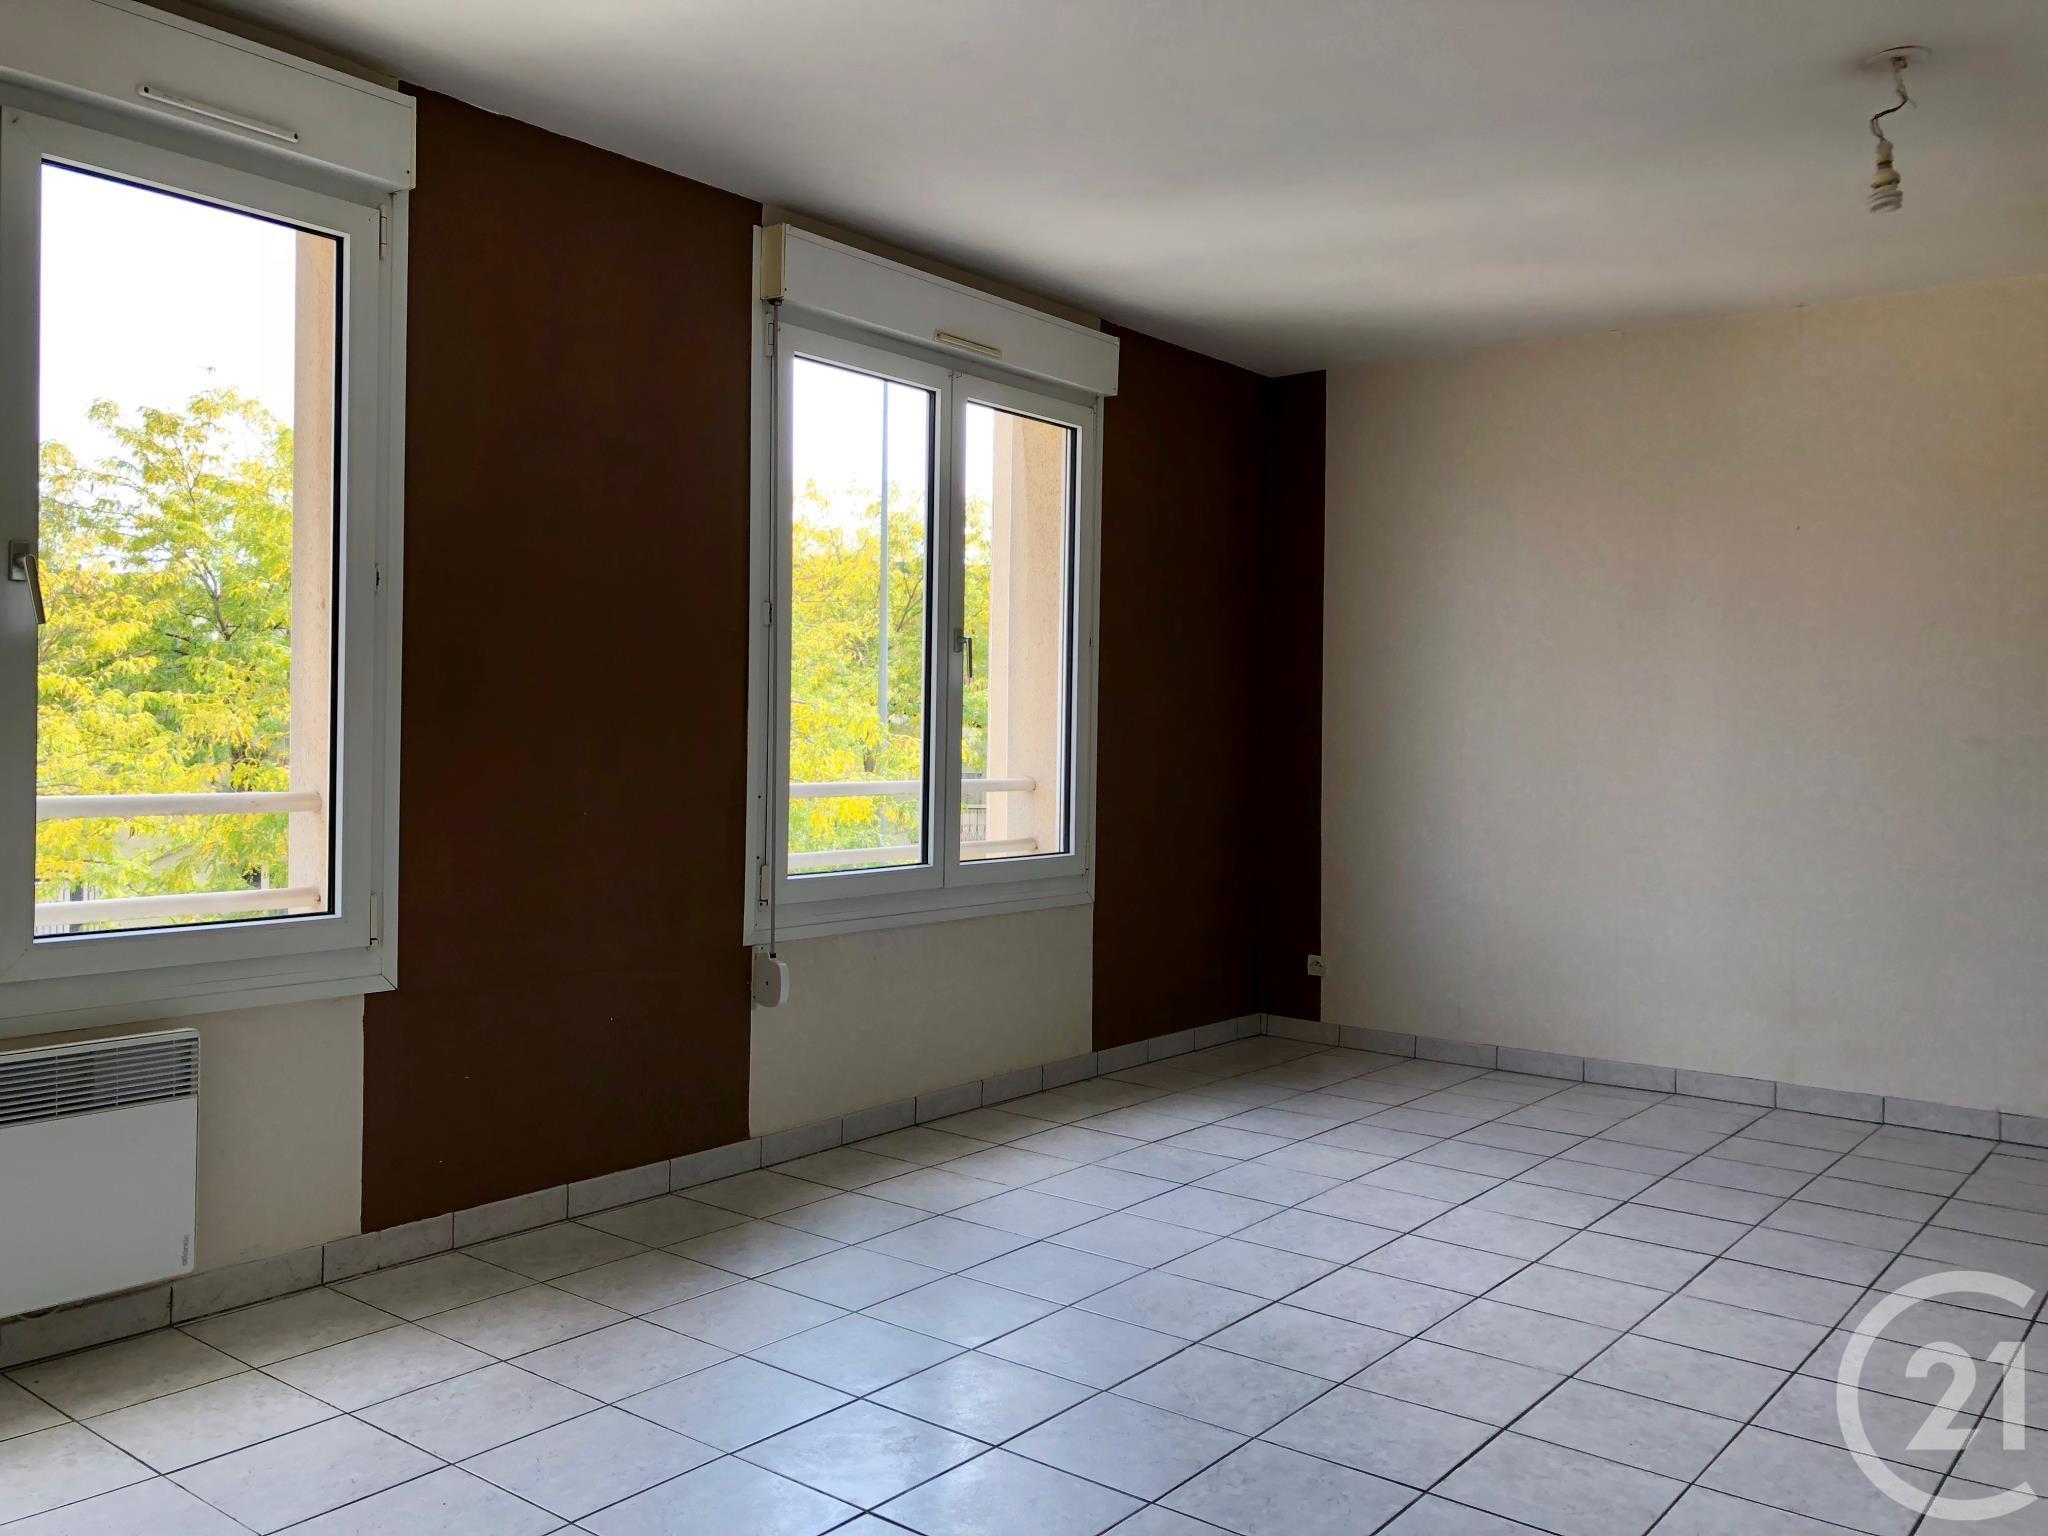 Achat appartement pièces m² reims u ac